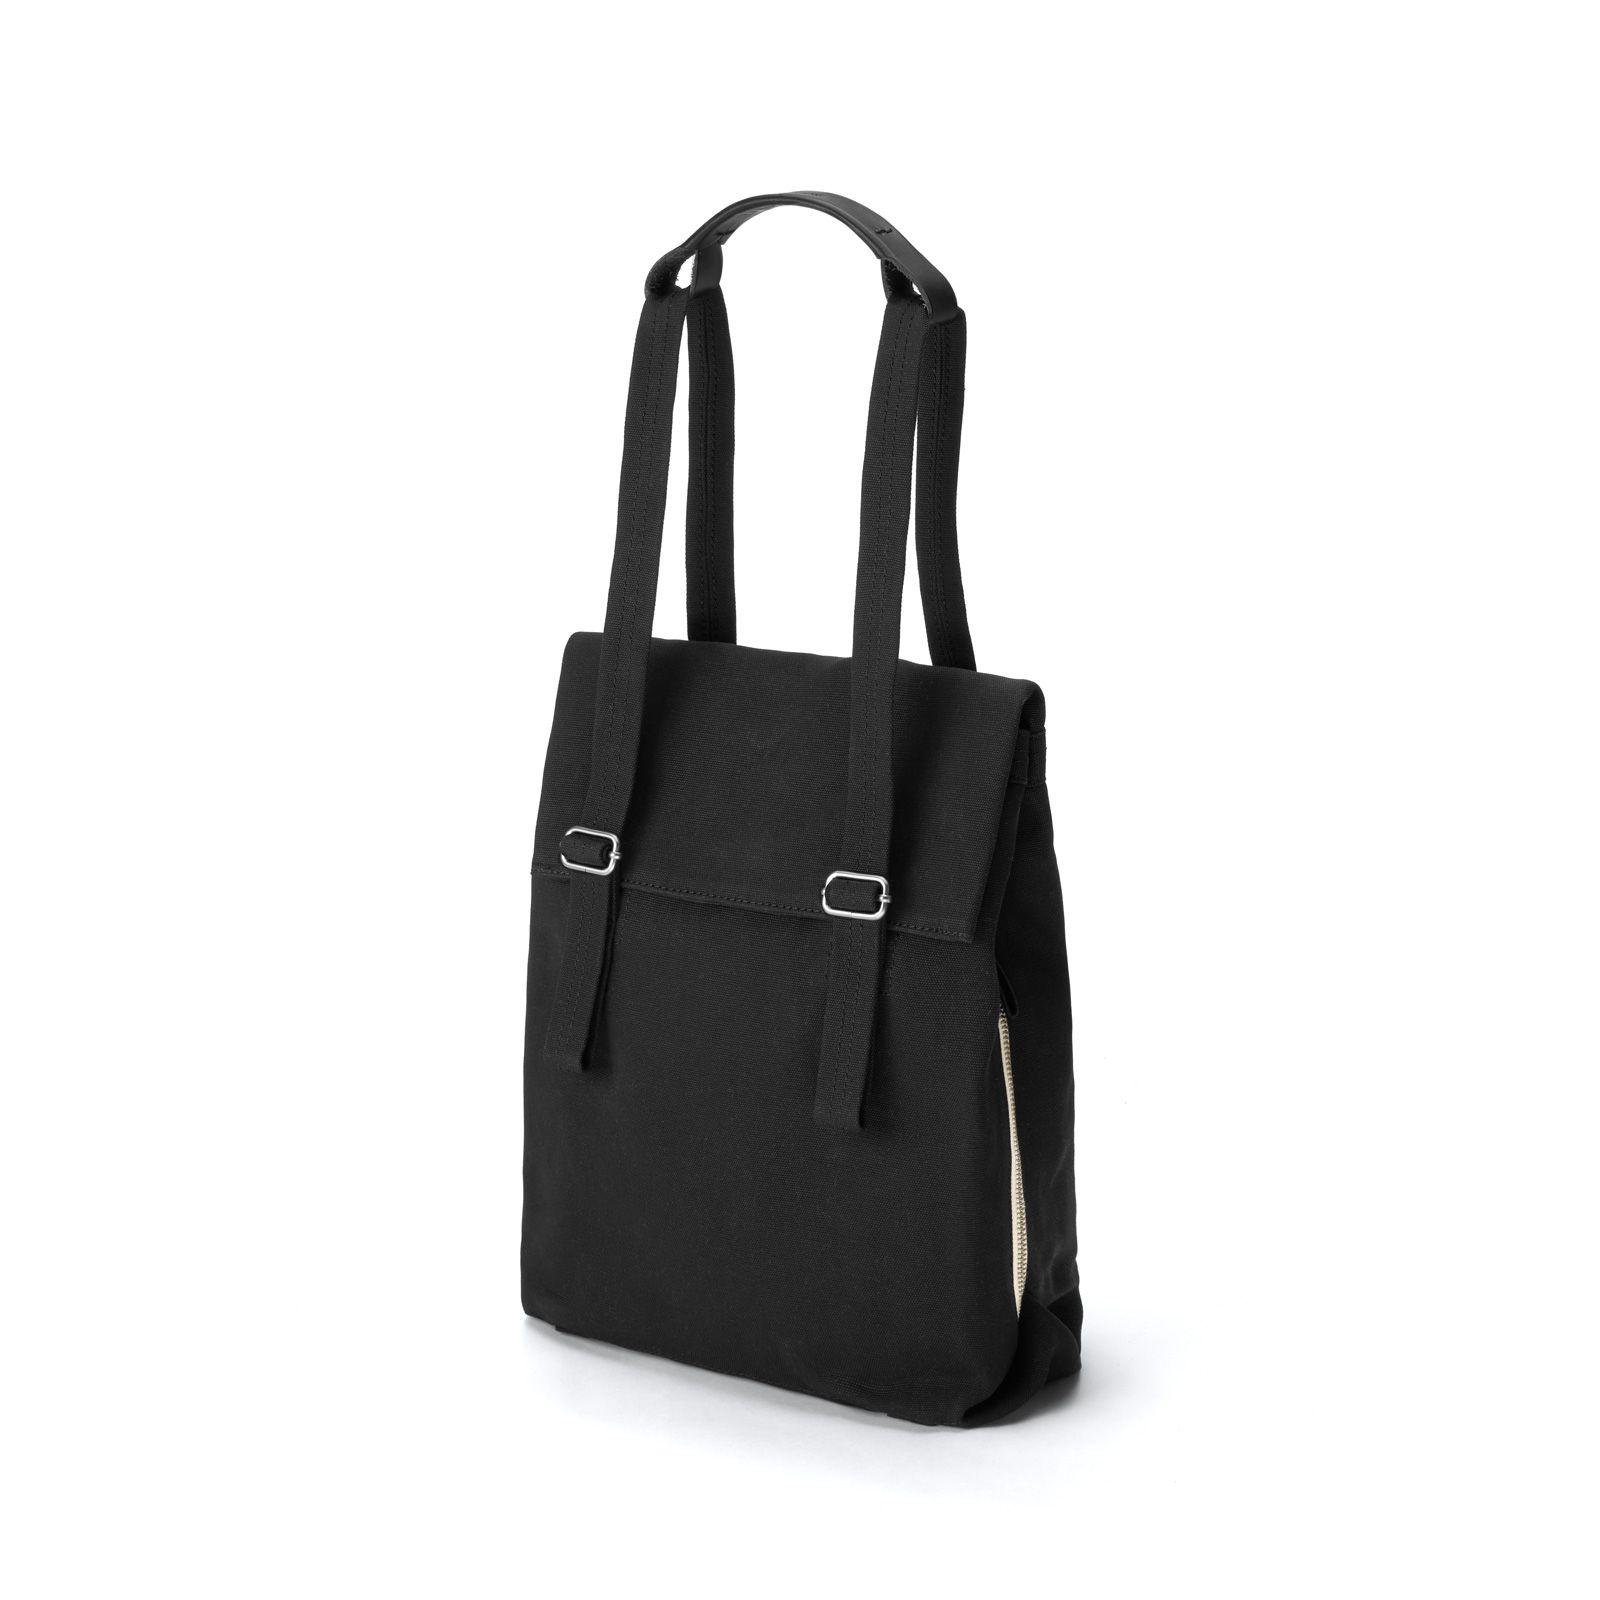 Flap Tote Small / Bananatex® - All Black